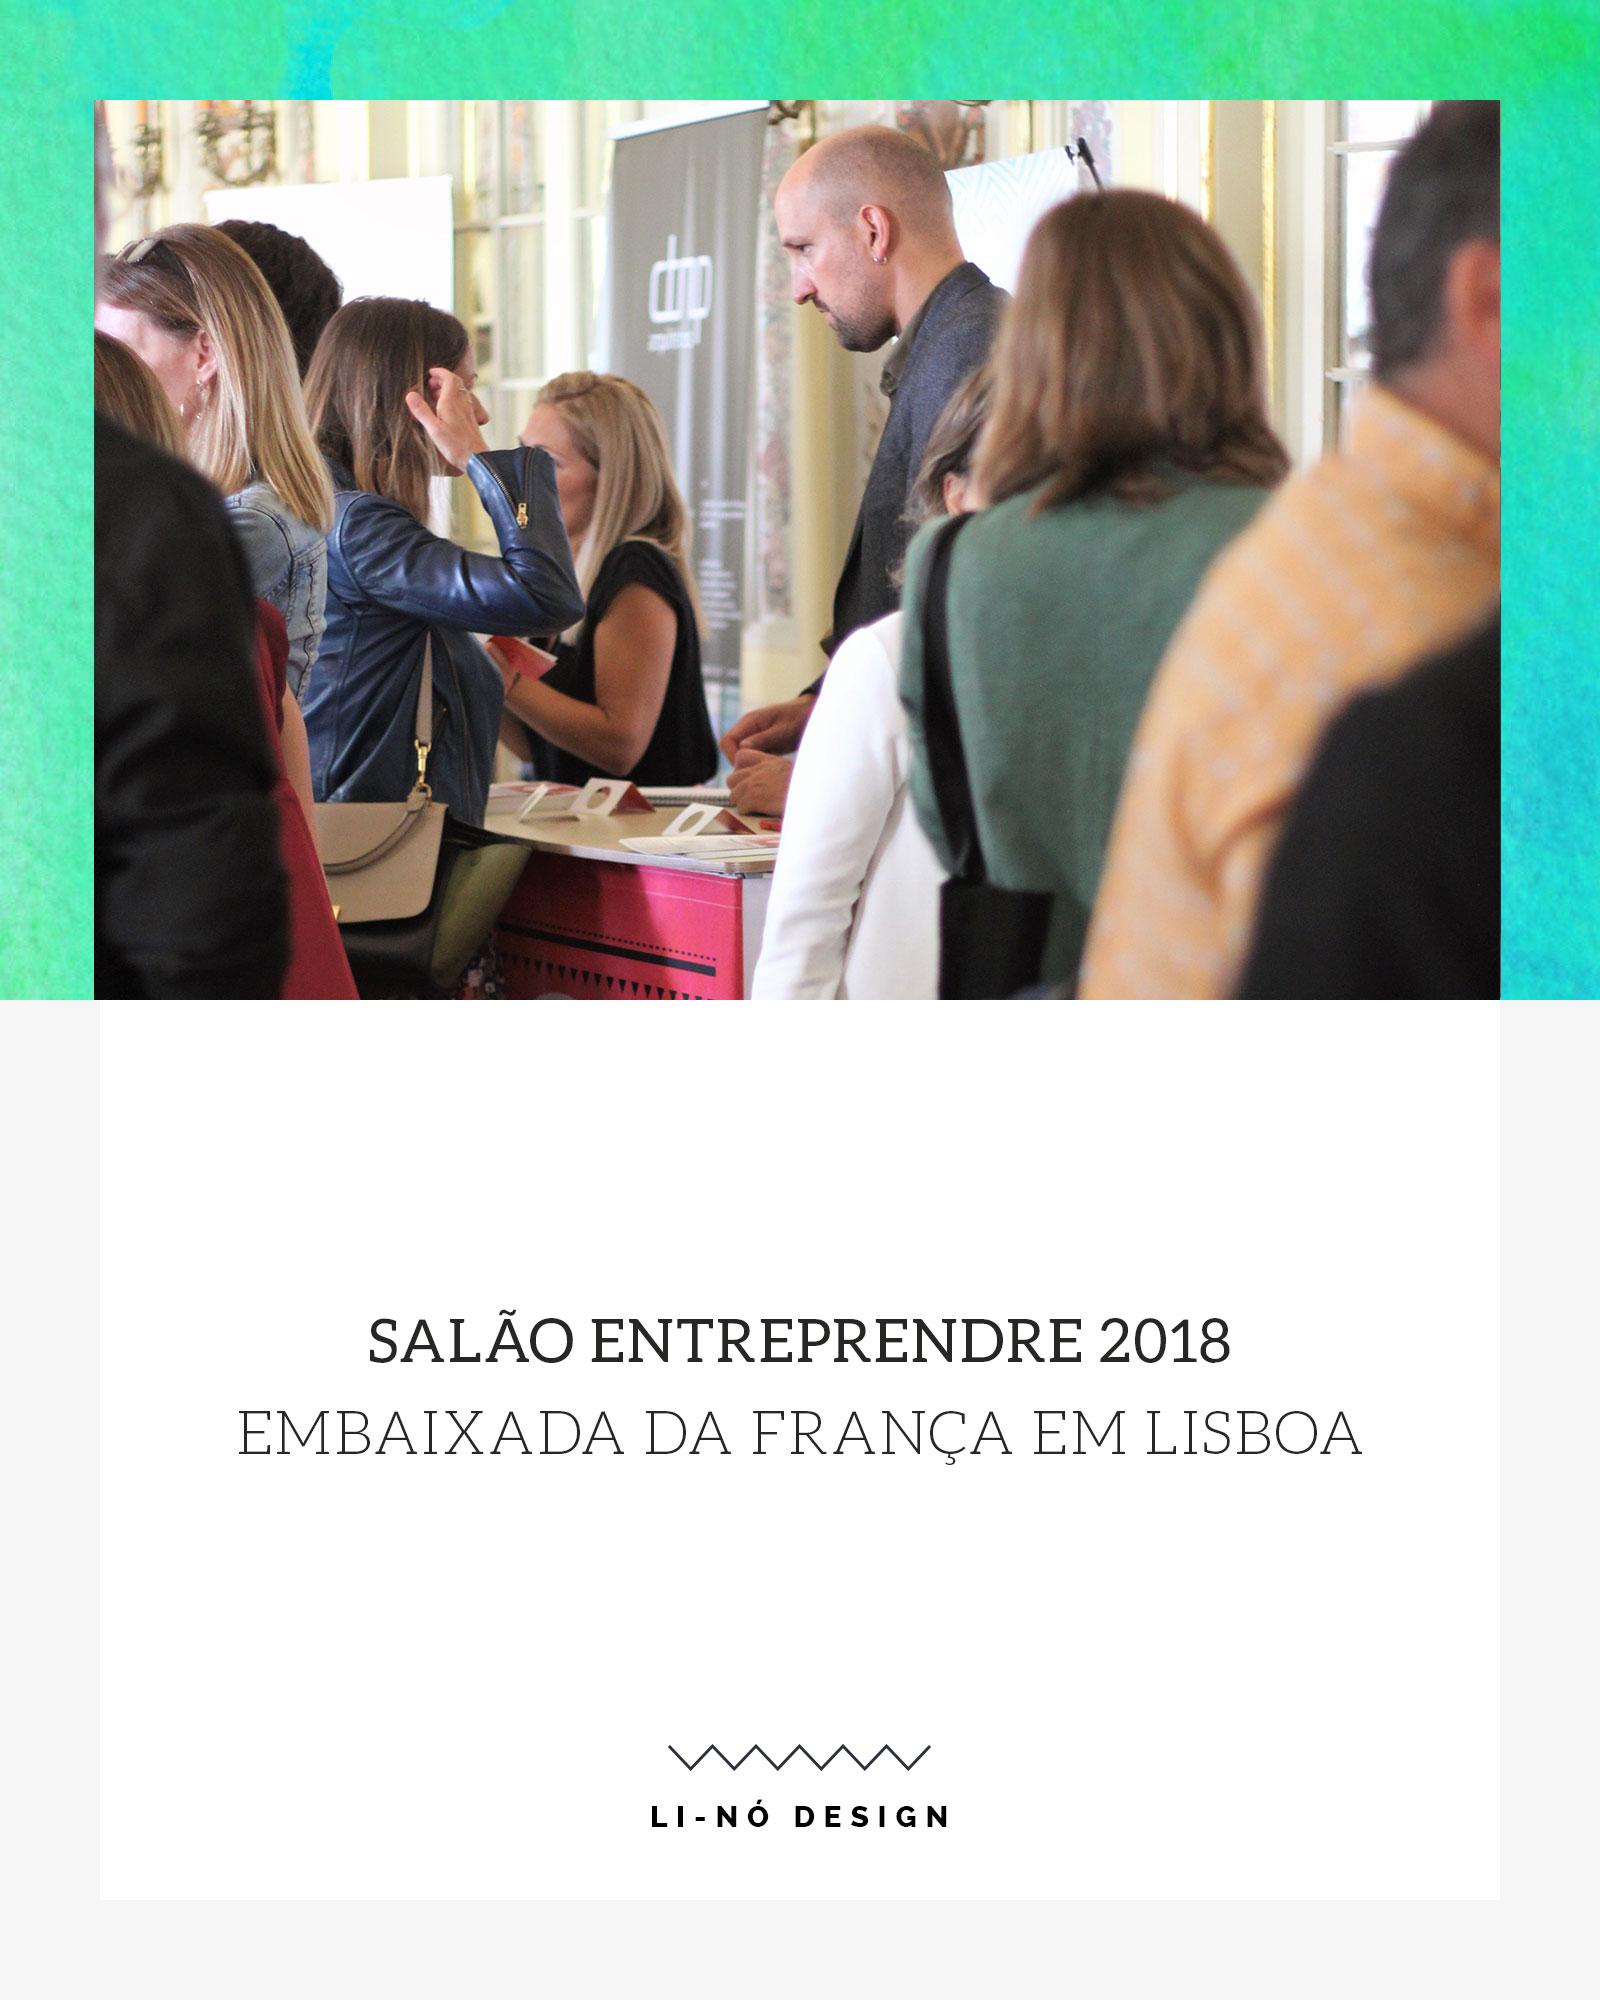 Salão Entreprendre 2018